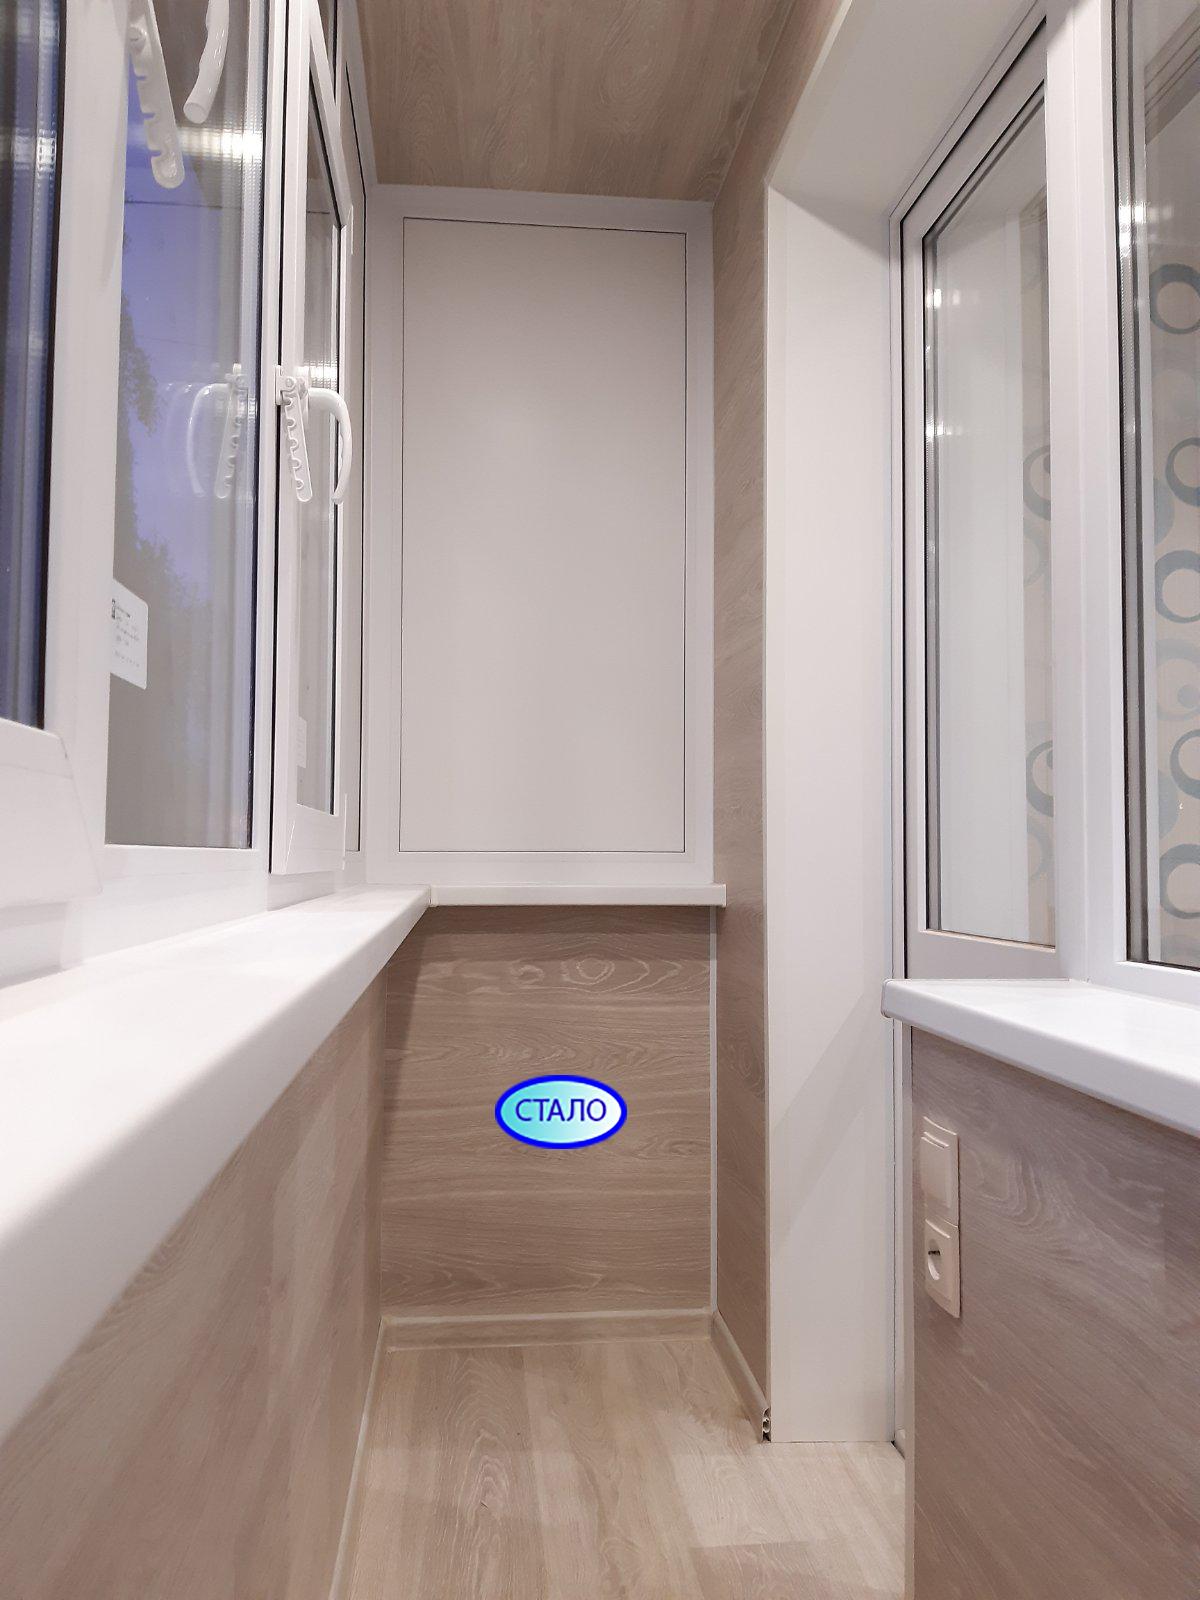 ул. Энергетиков 15 Установка пластиковых окон на балконе Фото 5